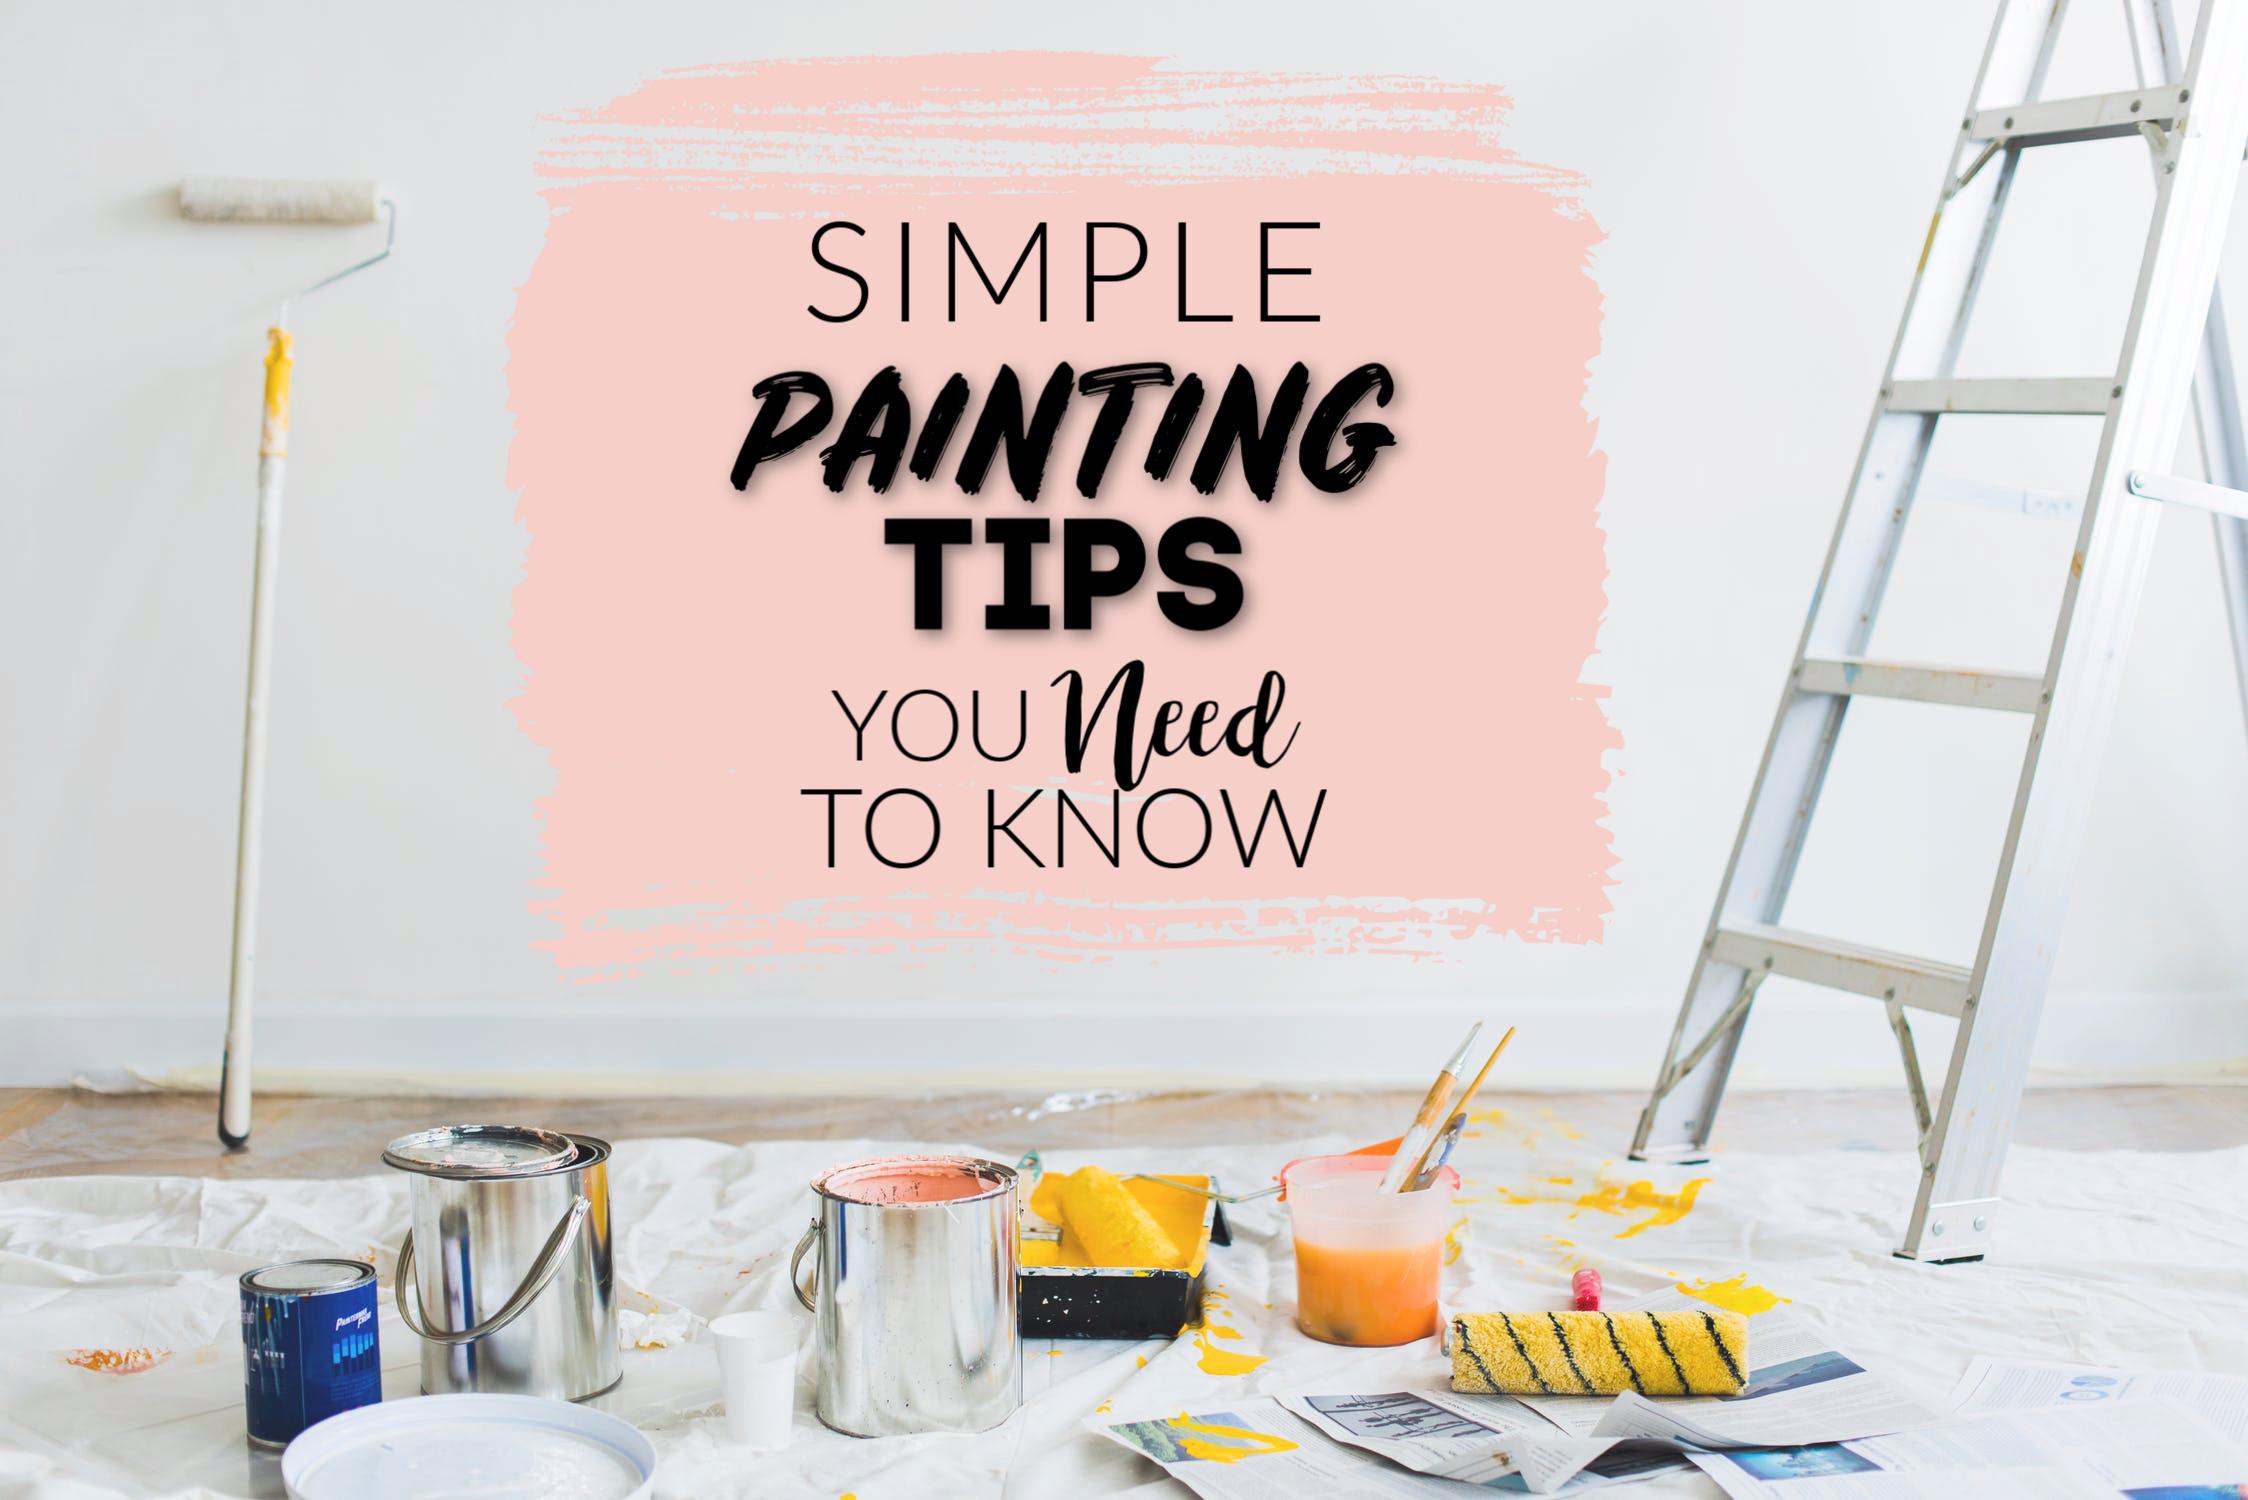 simple_painting_tips.jpg